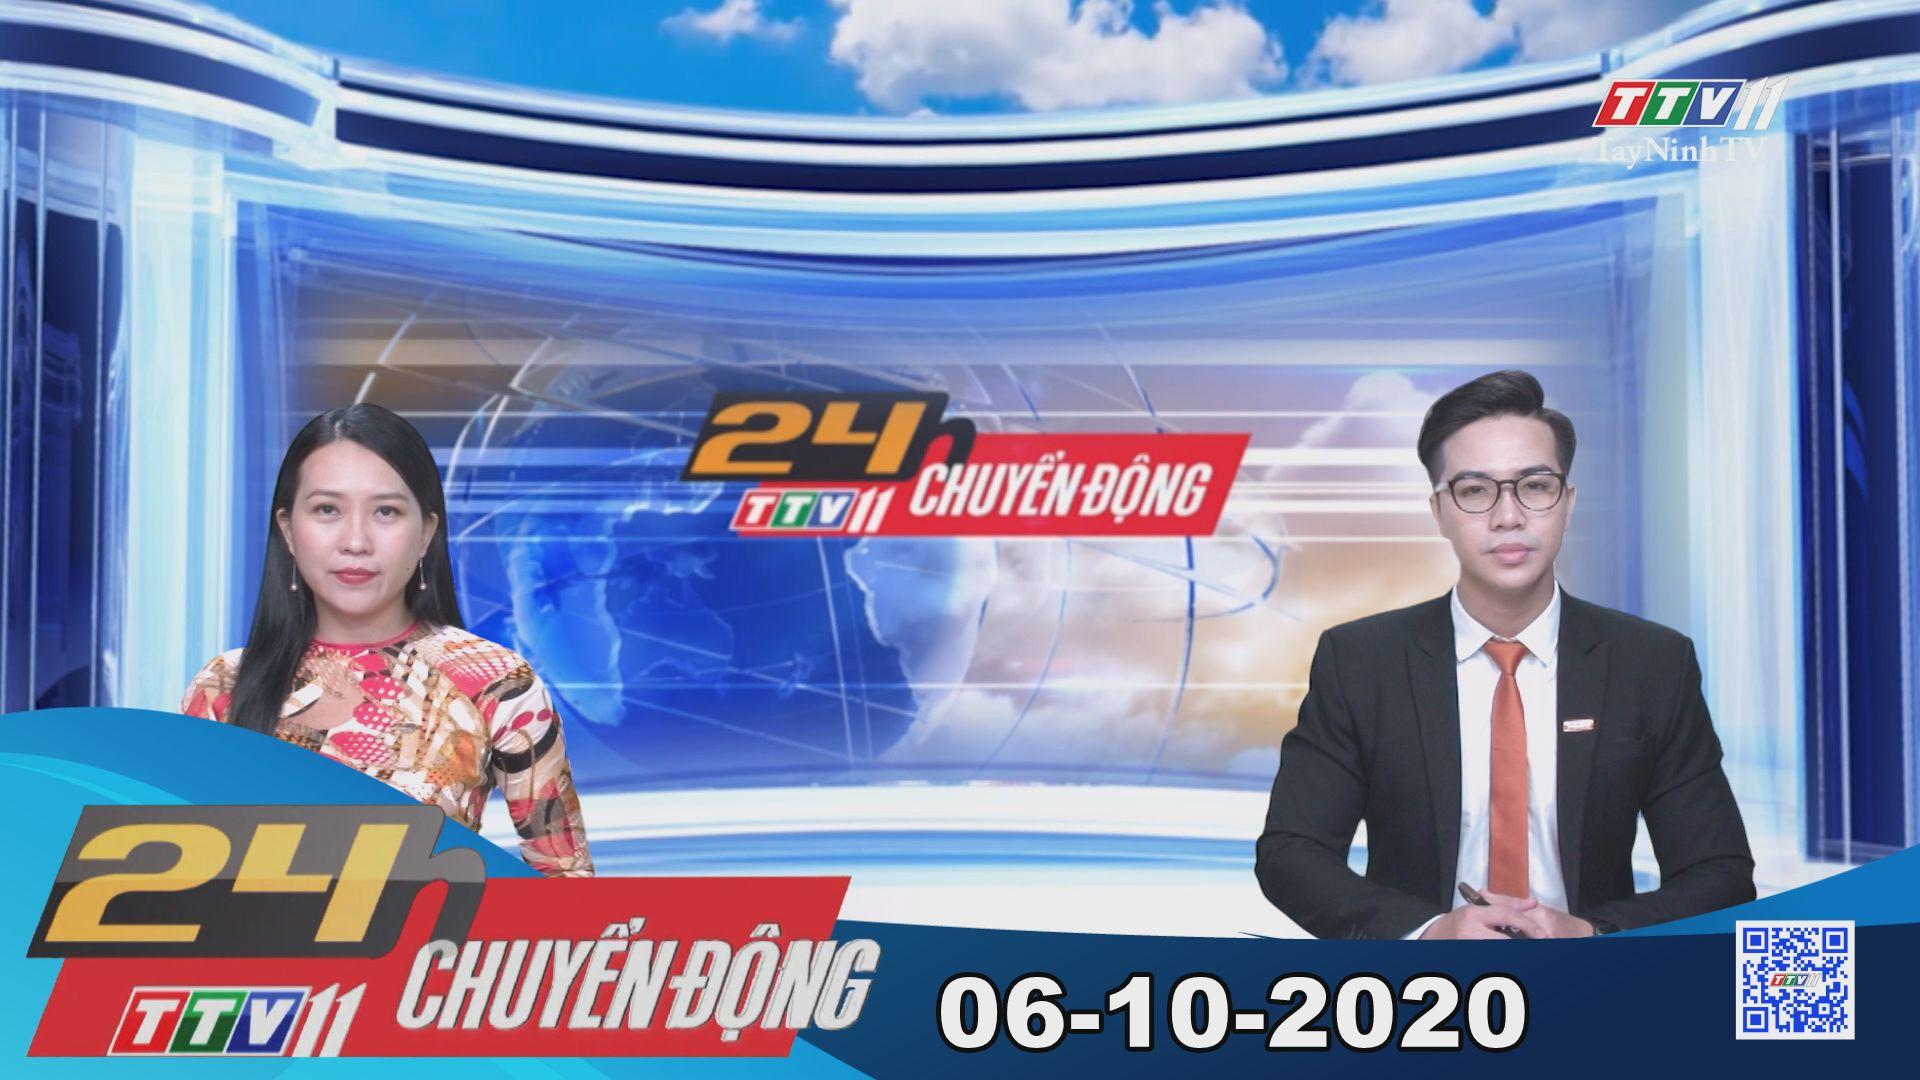 24h Chuyển động 06-10-2020 | Tin tức hôm nay | TayNinhTV